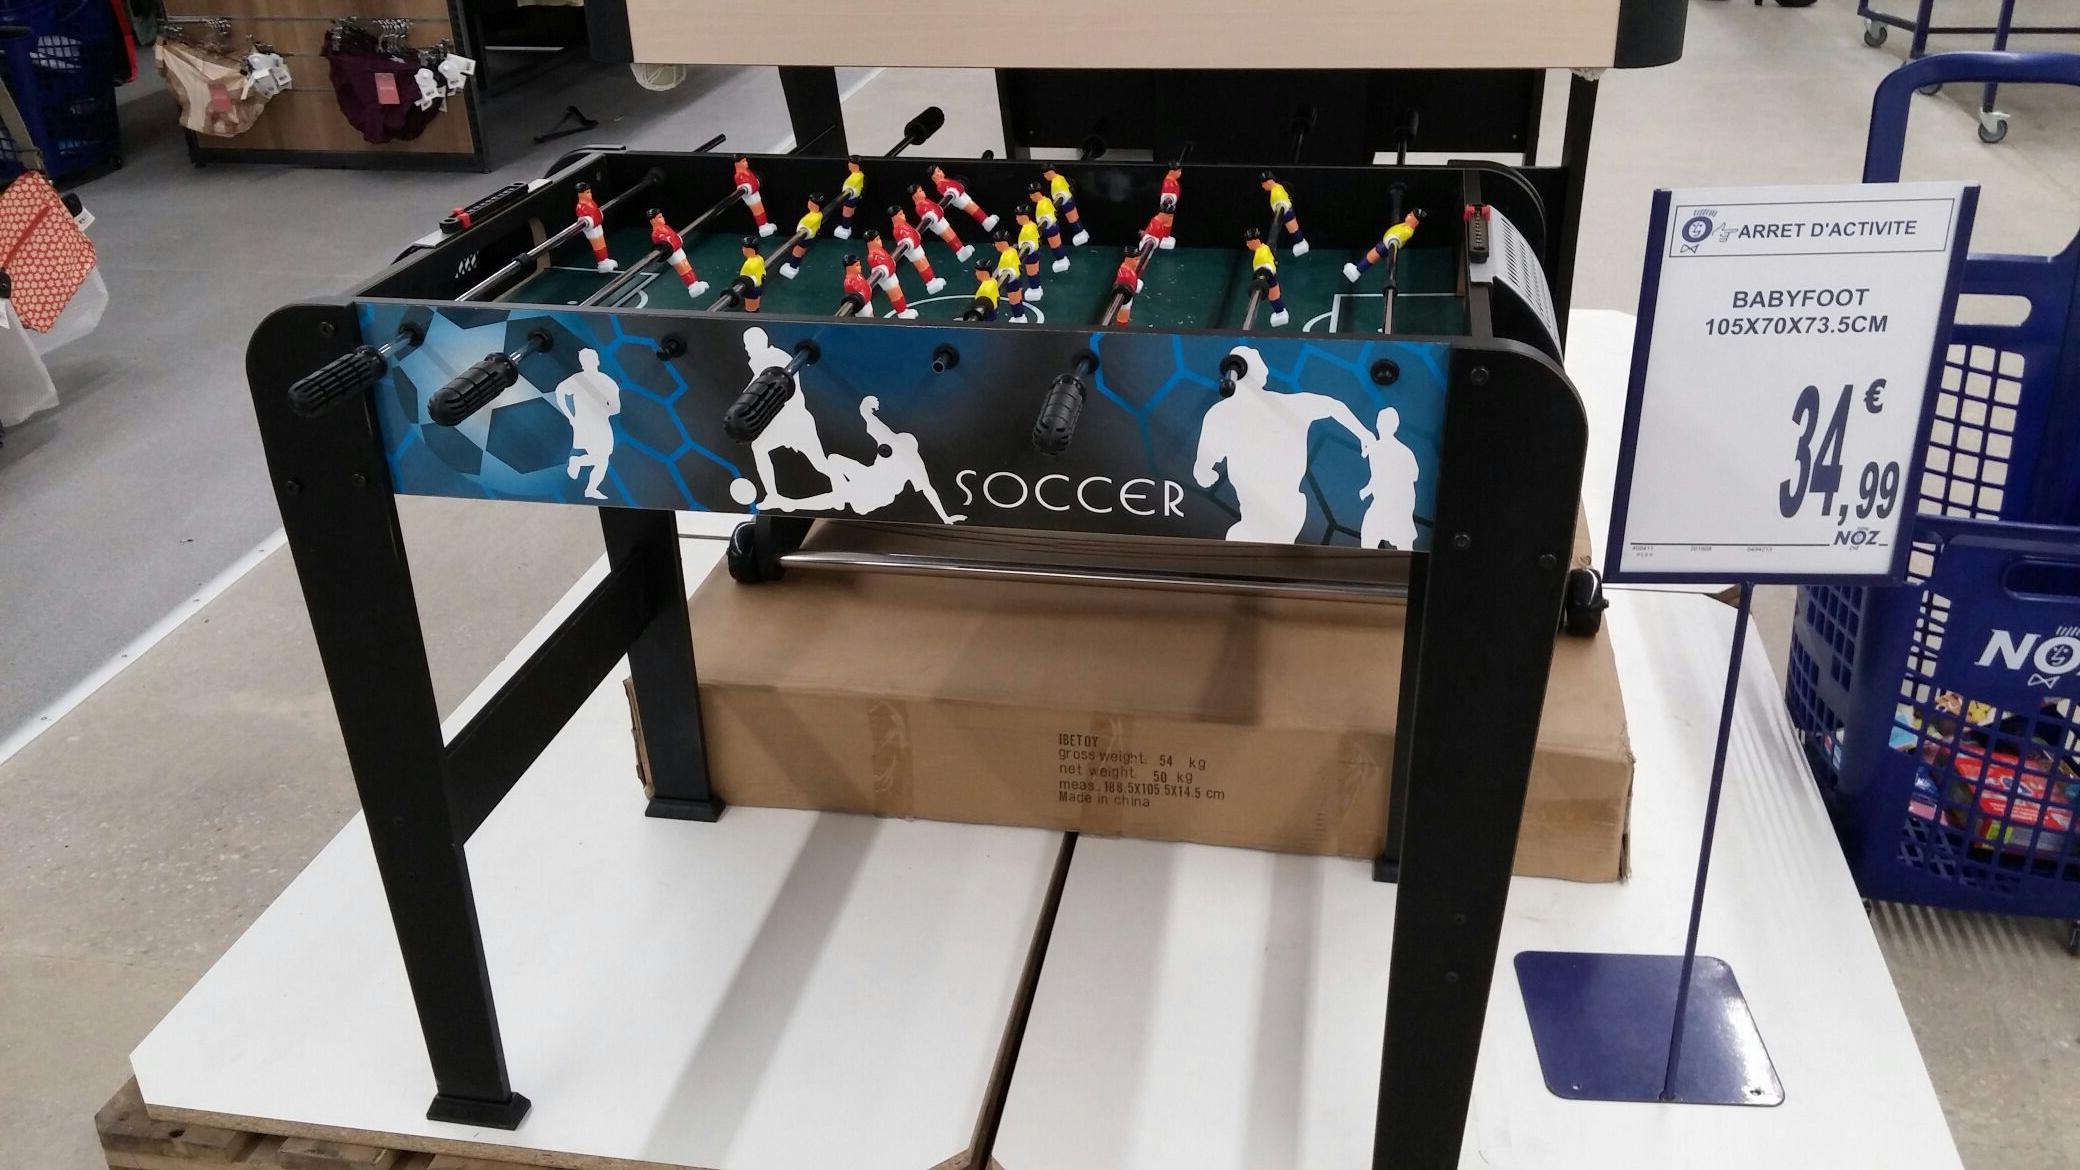 Babyboot Soccer (105x70x73.5 cm) - Chaintré (71)